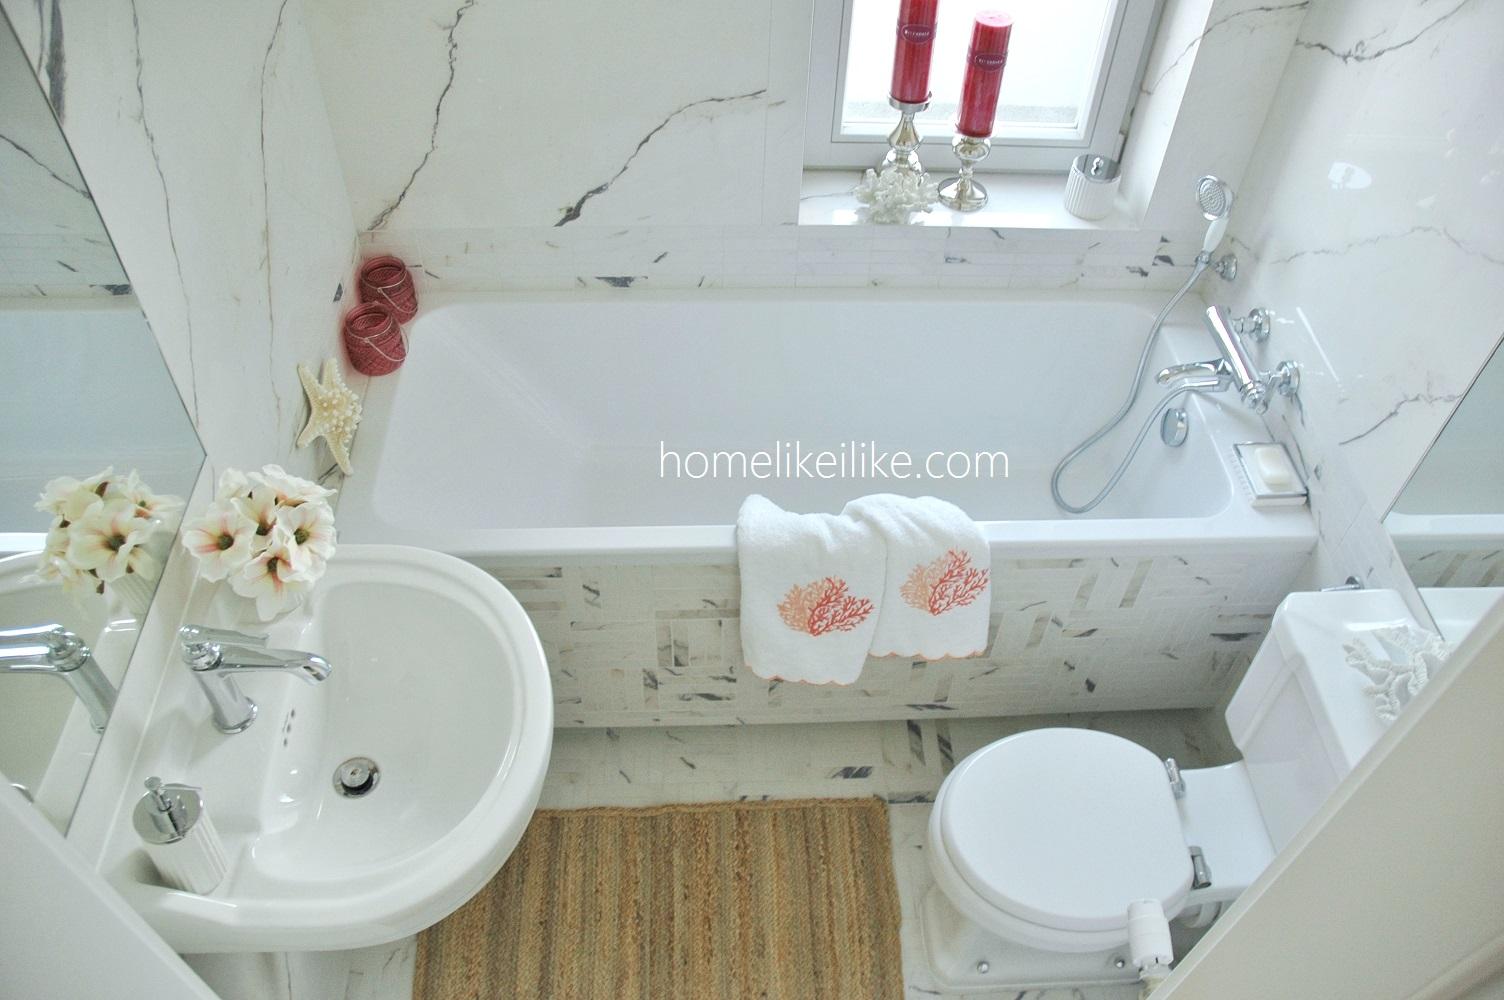 bardzo mała łazienka - homelikeilike.com